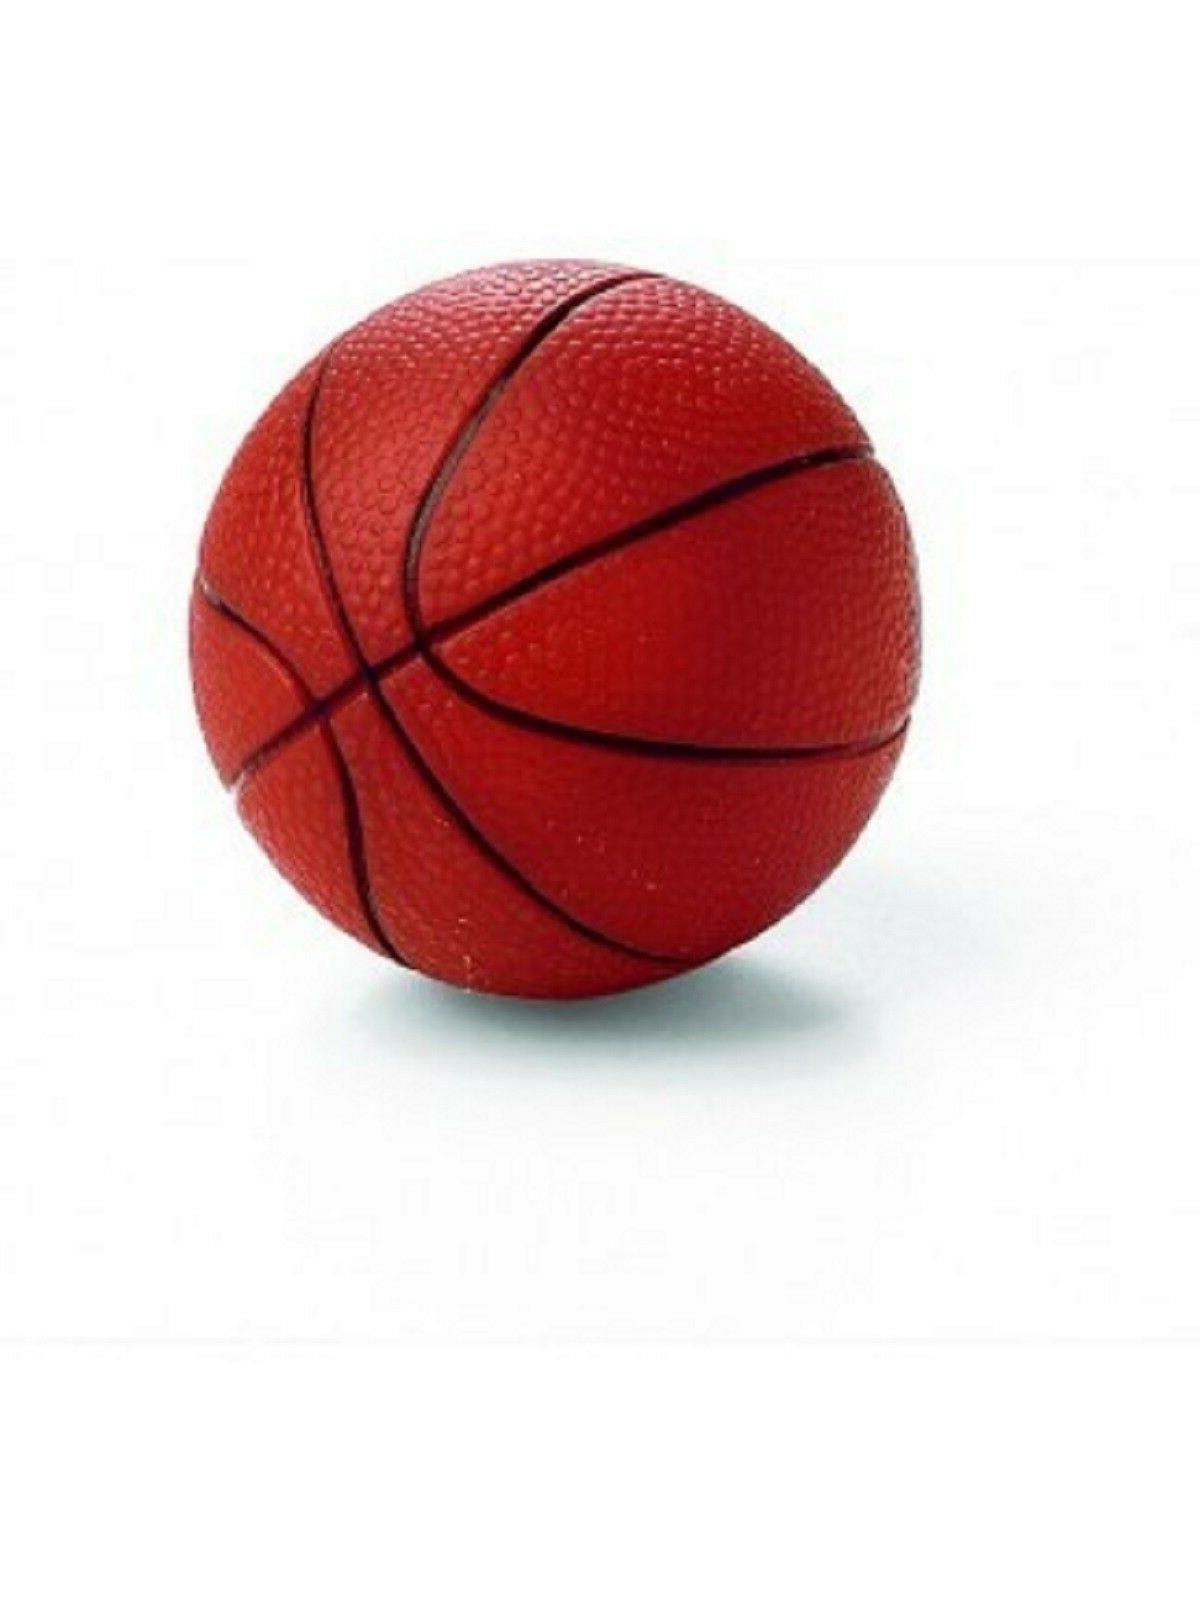 vinyl basketball dog toy